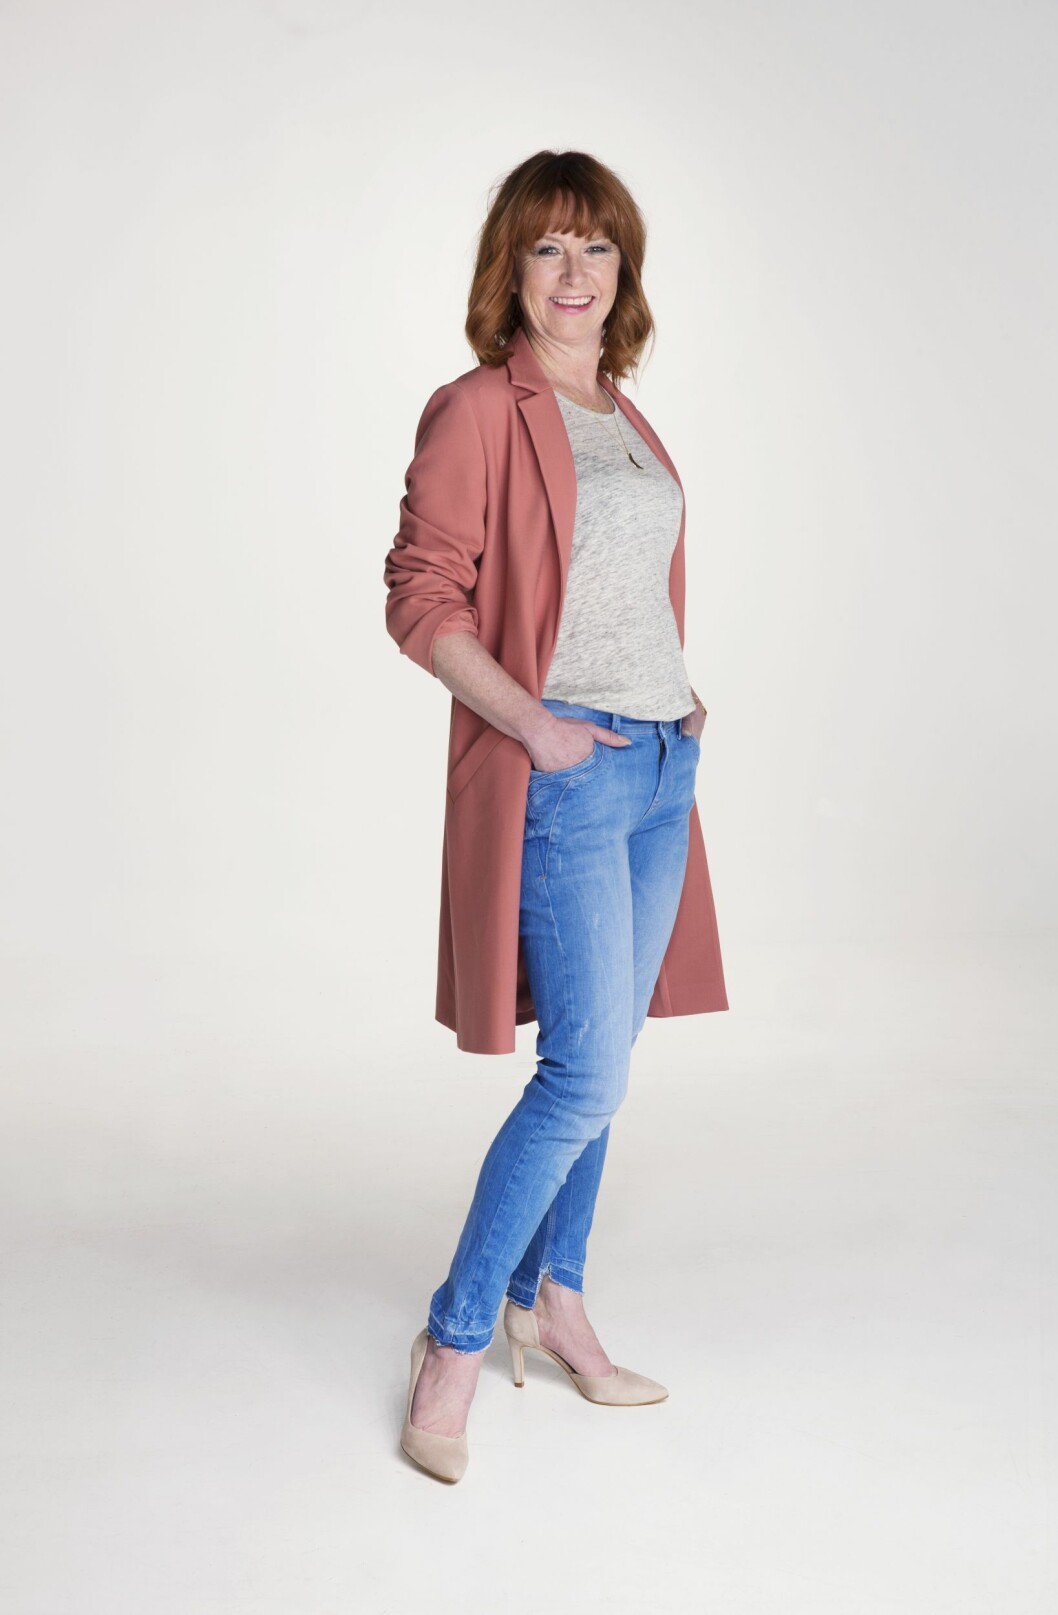 HVERDAGSKUL: Rosa kåpe (kr 1800, Halluber), grå trøye (kr700, Elle & il), blå jeans (kr 1100, Pulz Jeans), semskede pumps (kr 1300, Lille Vinkel) og langt kjede (kr 1300, Marte Frisnes). Stylistens tips: Dytt trøya ned i smale jeans slik at midjen og fasongen på kroppen synes. Det blir fint med en rett jakke over. Foto: Yvonne Wilhelmsen